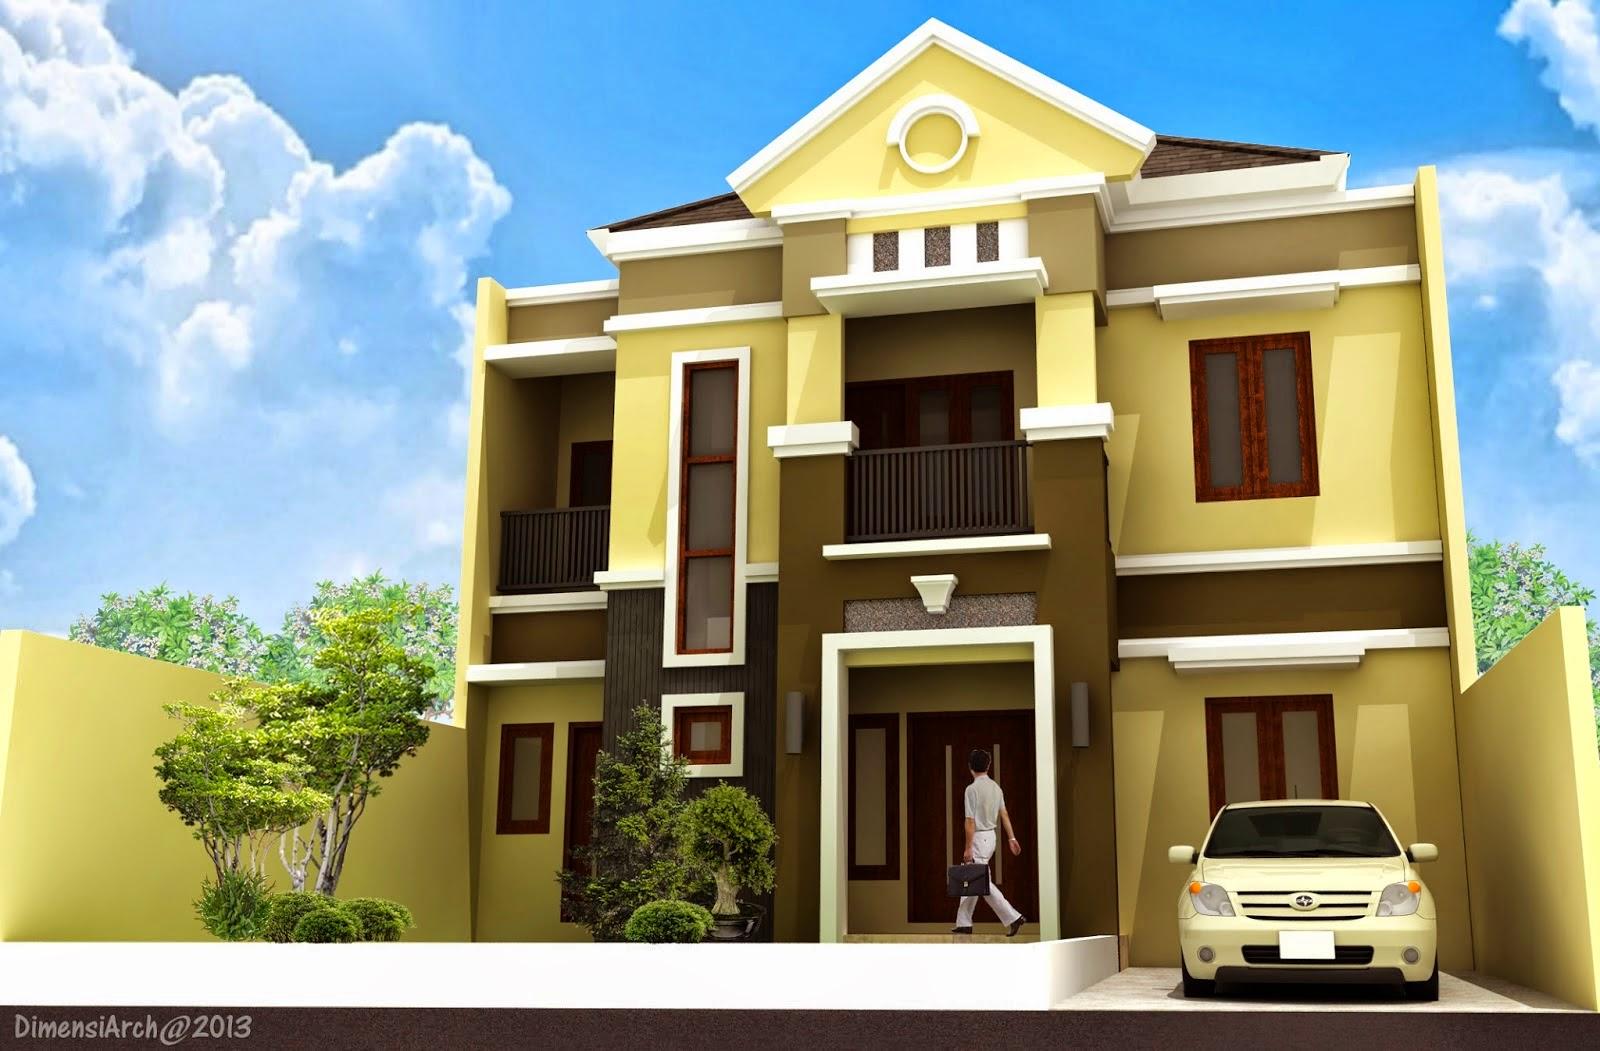 Desain Rumah Minimalis 2 Lantai Tahun 2015 - Gambar Foto ...